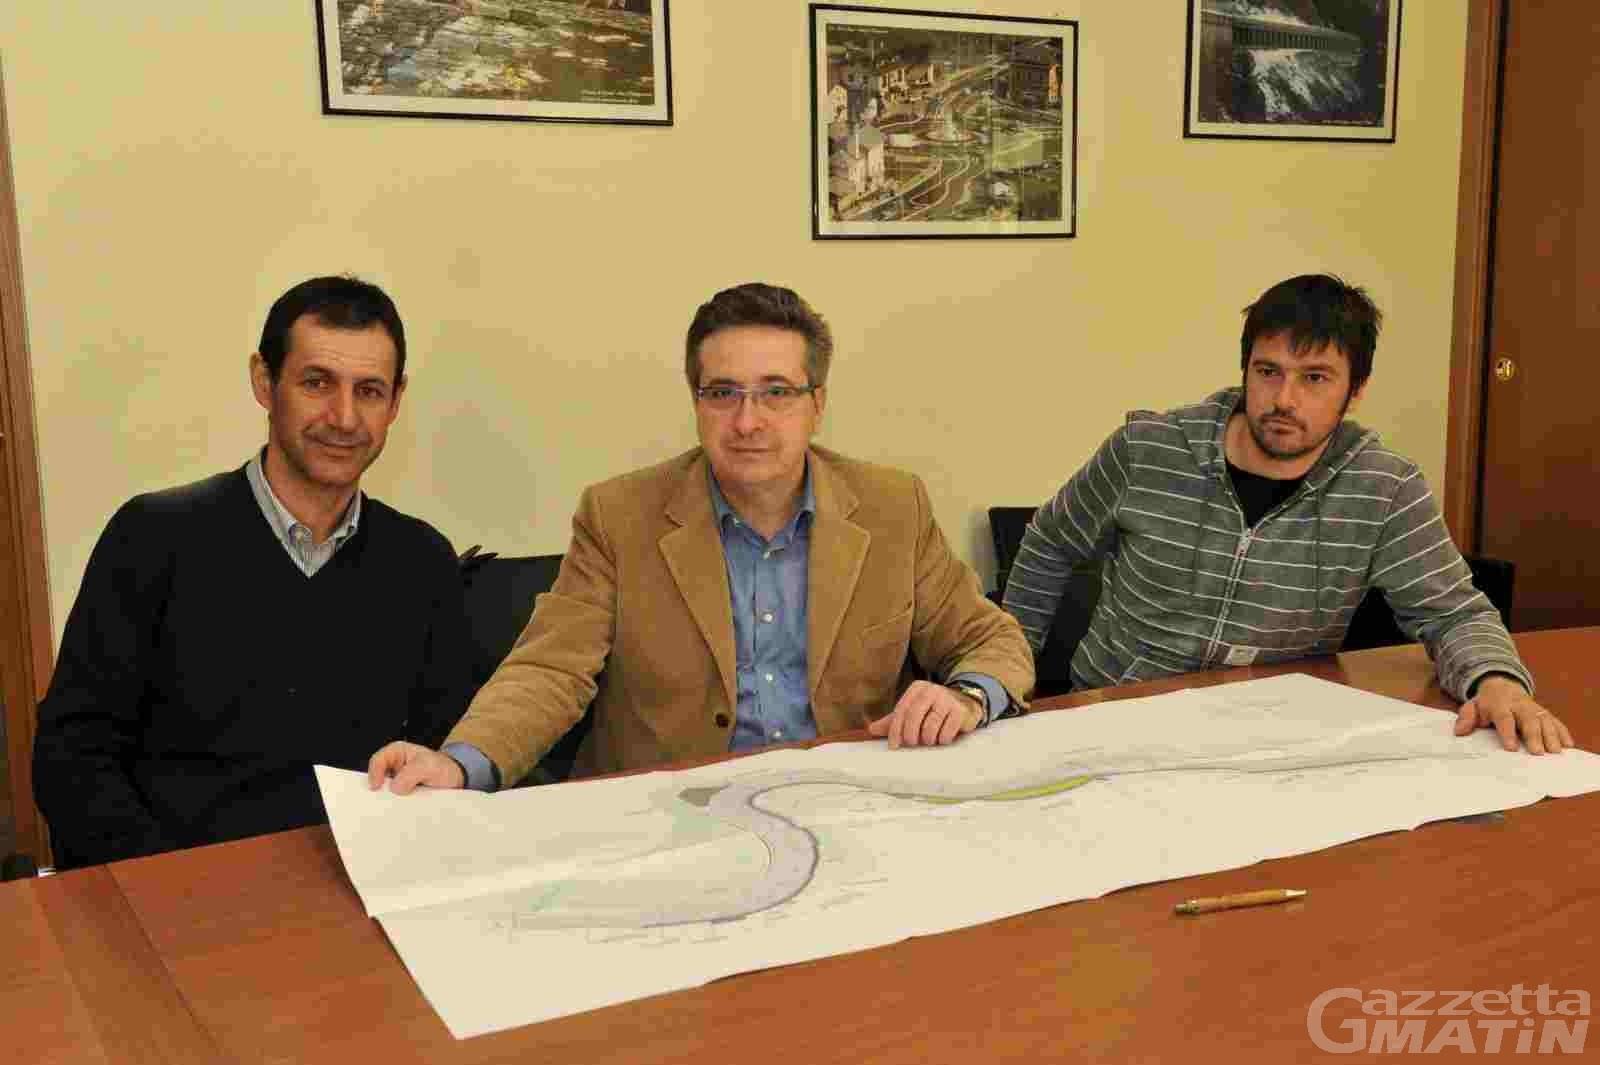 «Un milione e 100 mila euro per una strada più sicura che la comunità aspetta da 30 anni»